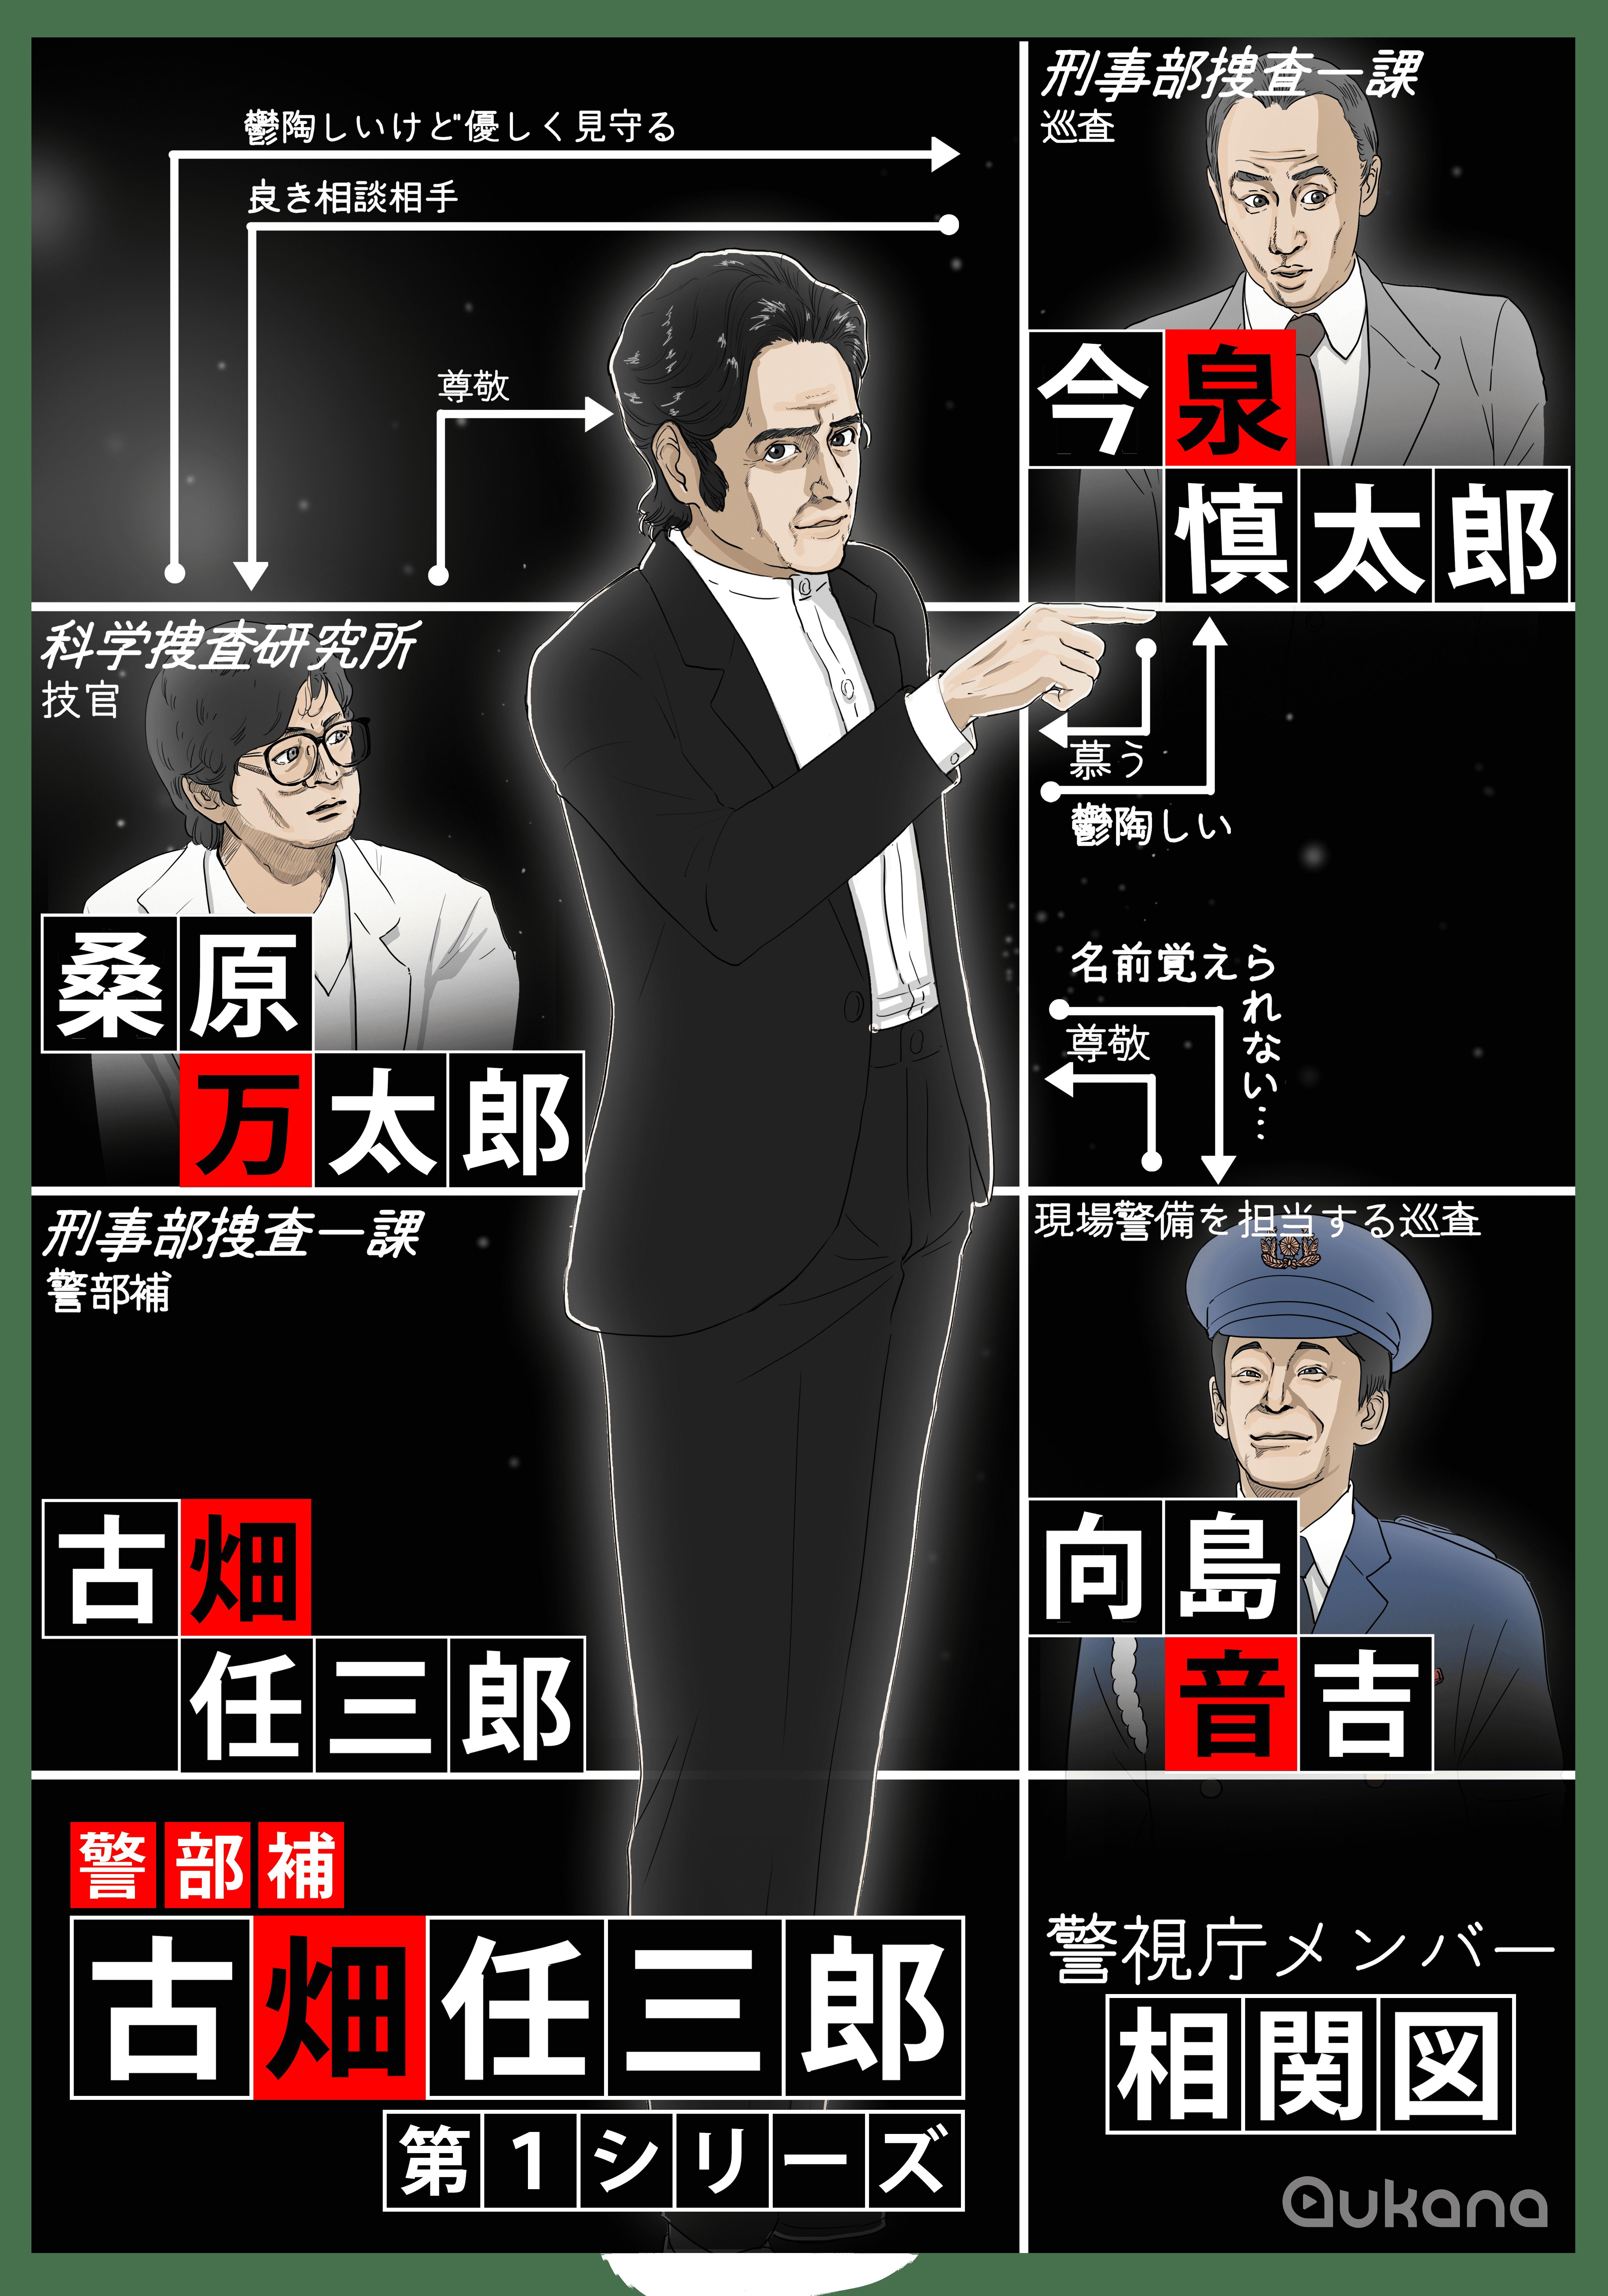 任三郎 古畑